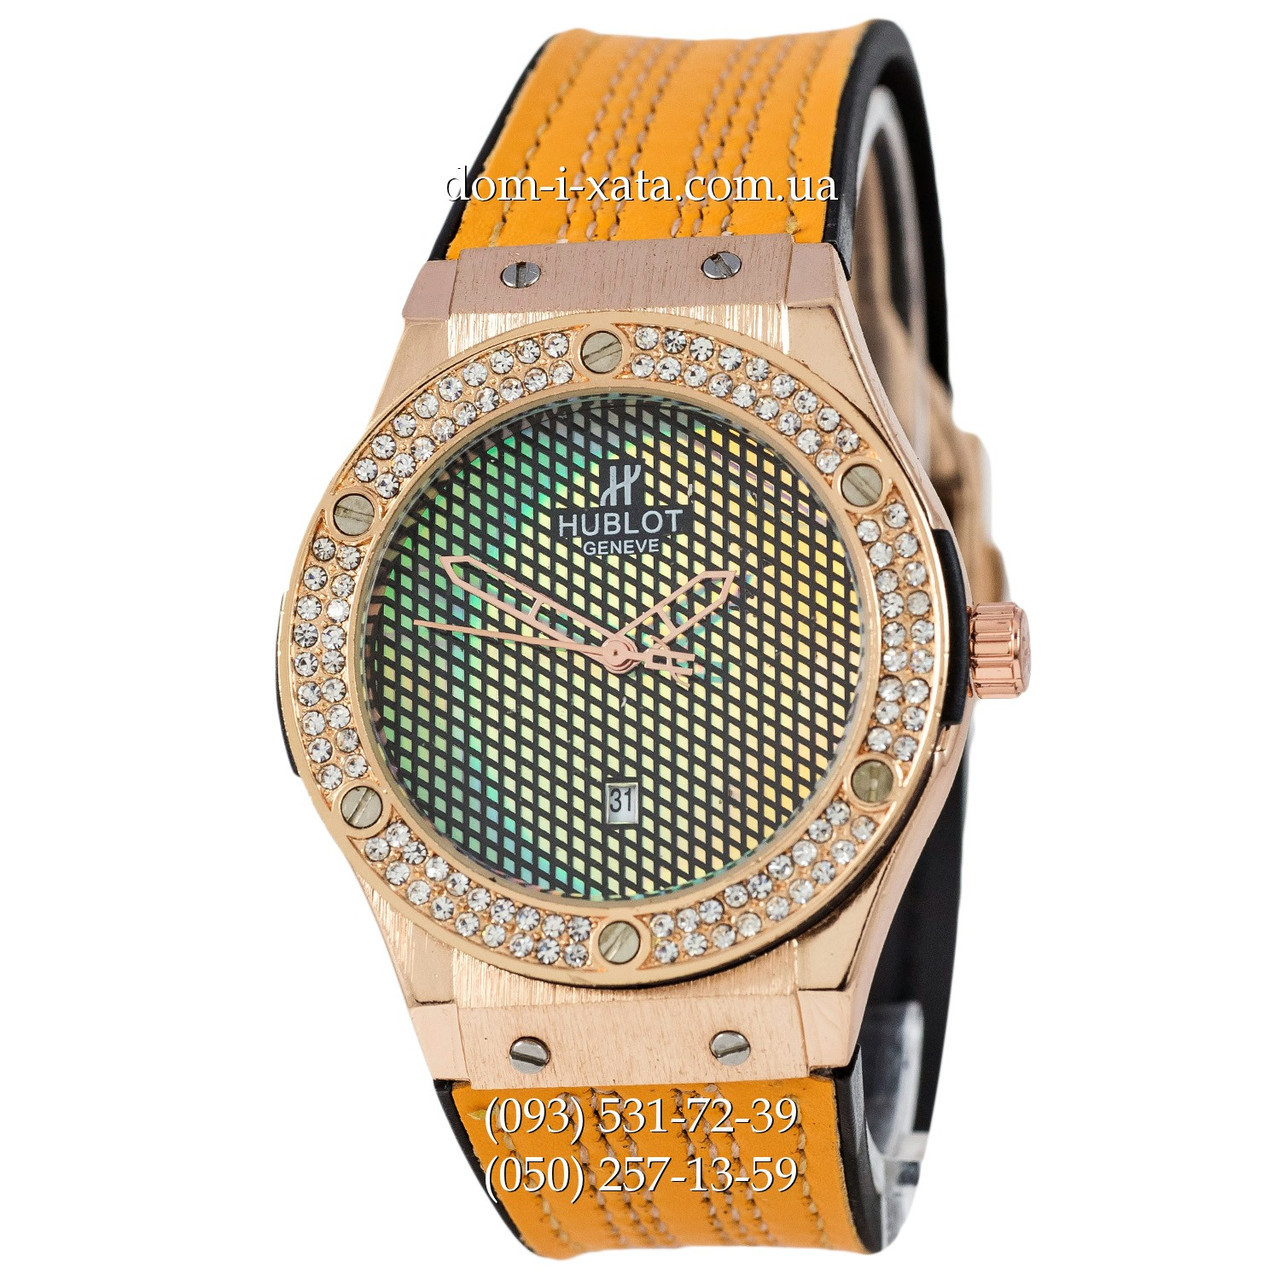 Мужские наручные часы Hublot 882888 Classic Fusion Brown-Gold-Crystal, Хублот классик, реплика отличное качество!